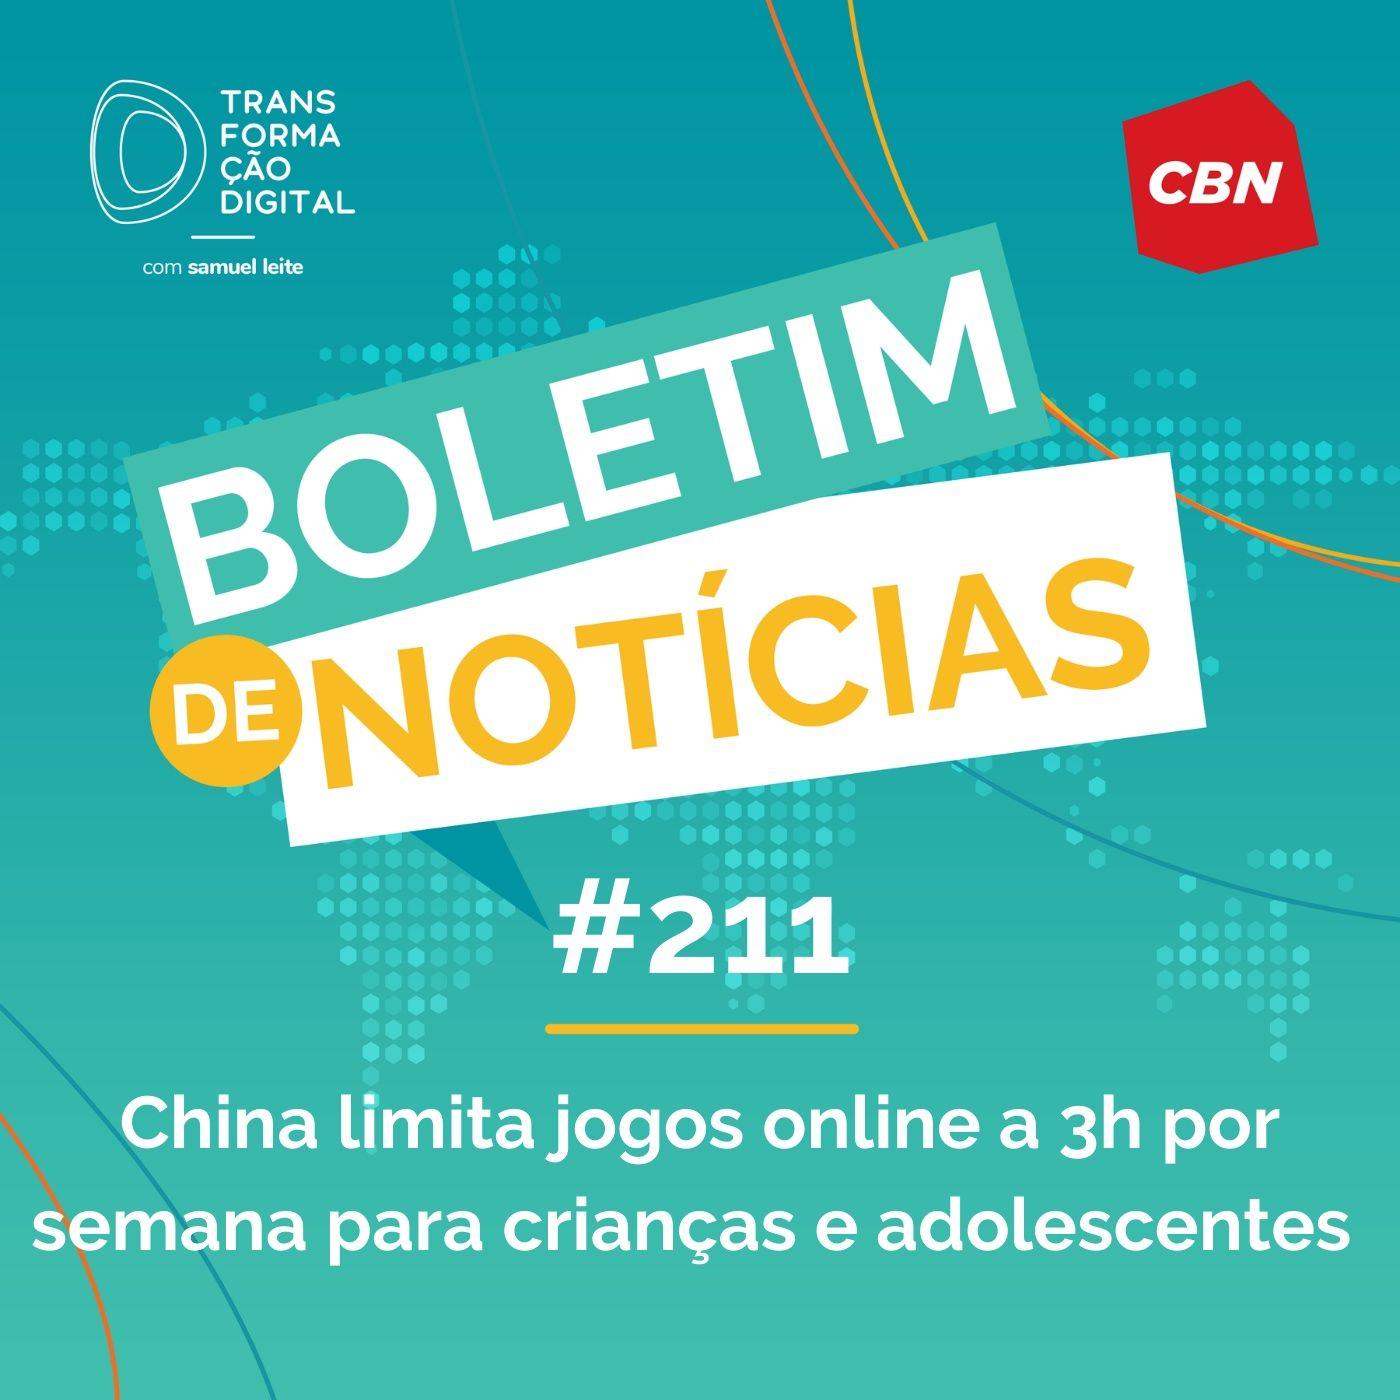 Transformação Digital CBN - Boletim de Notícias #211 - China limita jogos online a 3h por semana para crianças e adolescentes